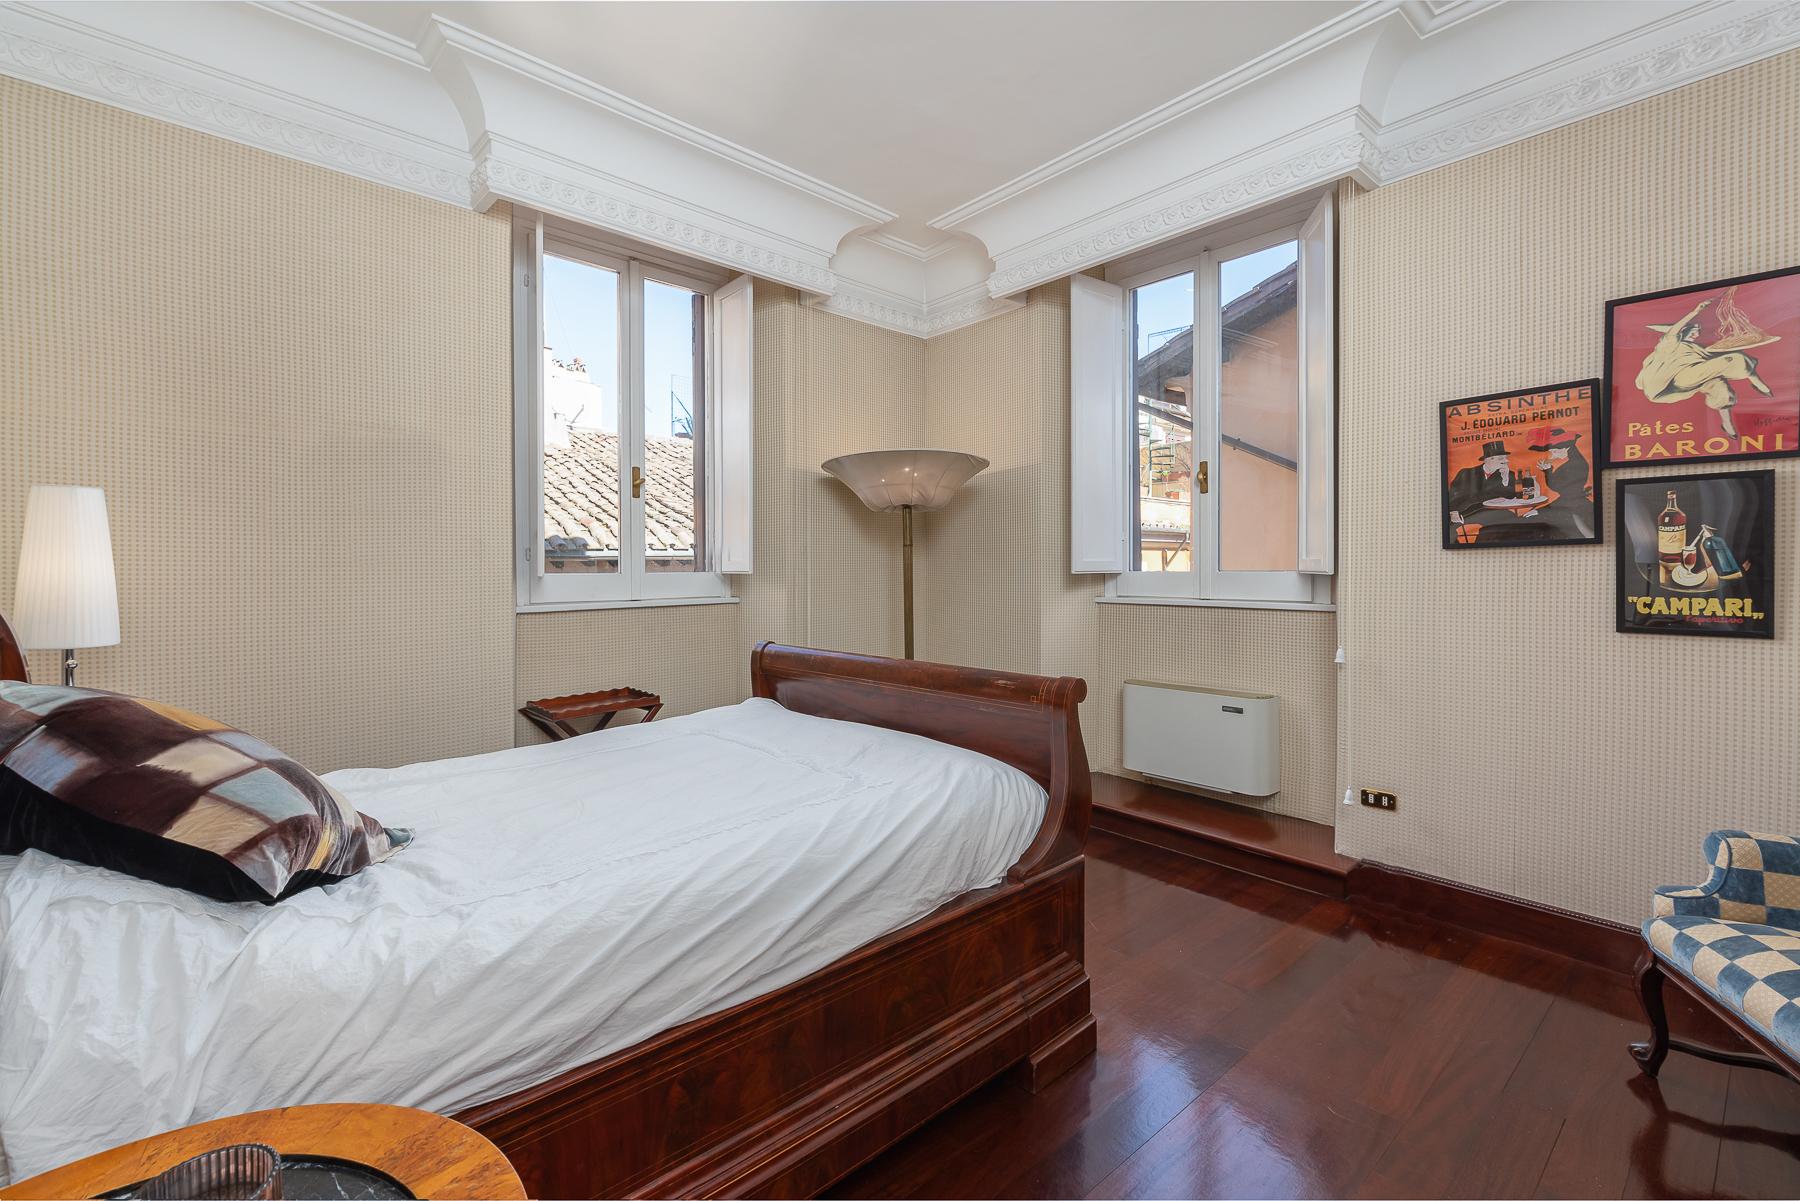 Appartamento in Vendita a Roma: 4 locali, 127 mq - Foto 10